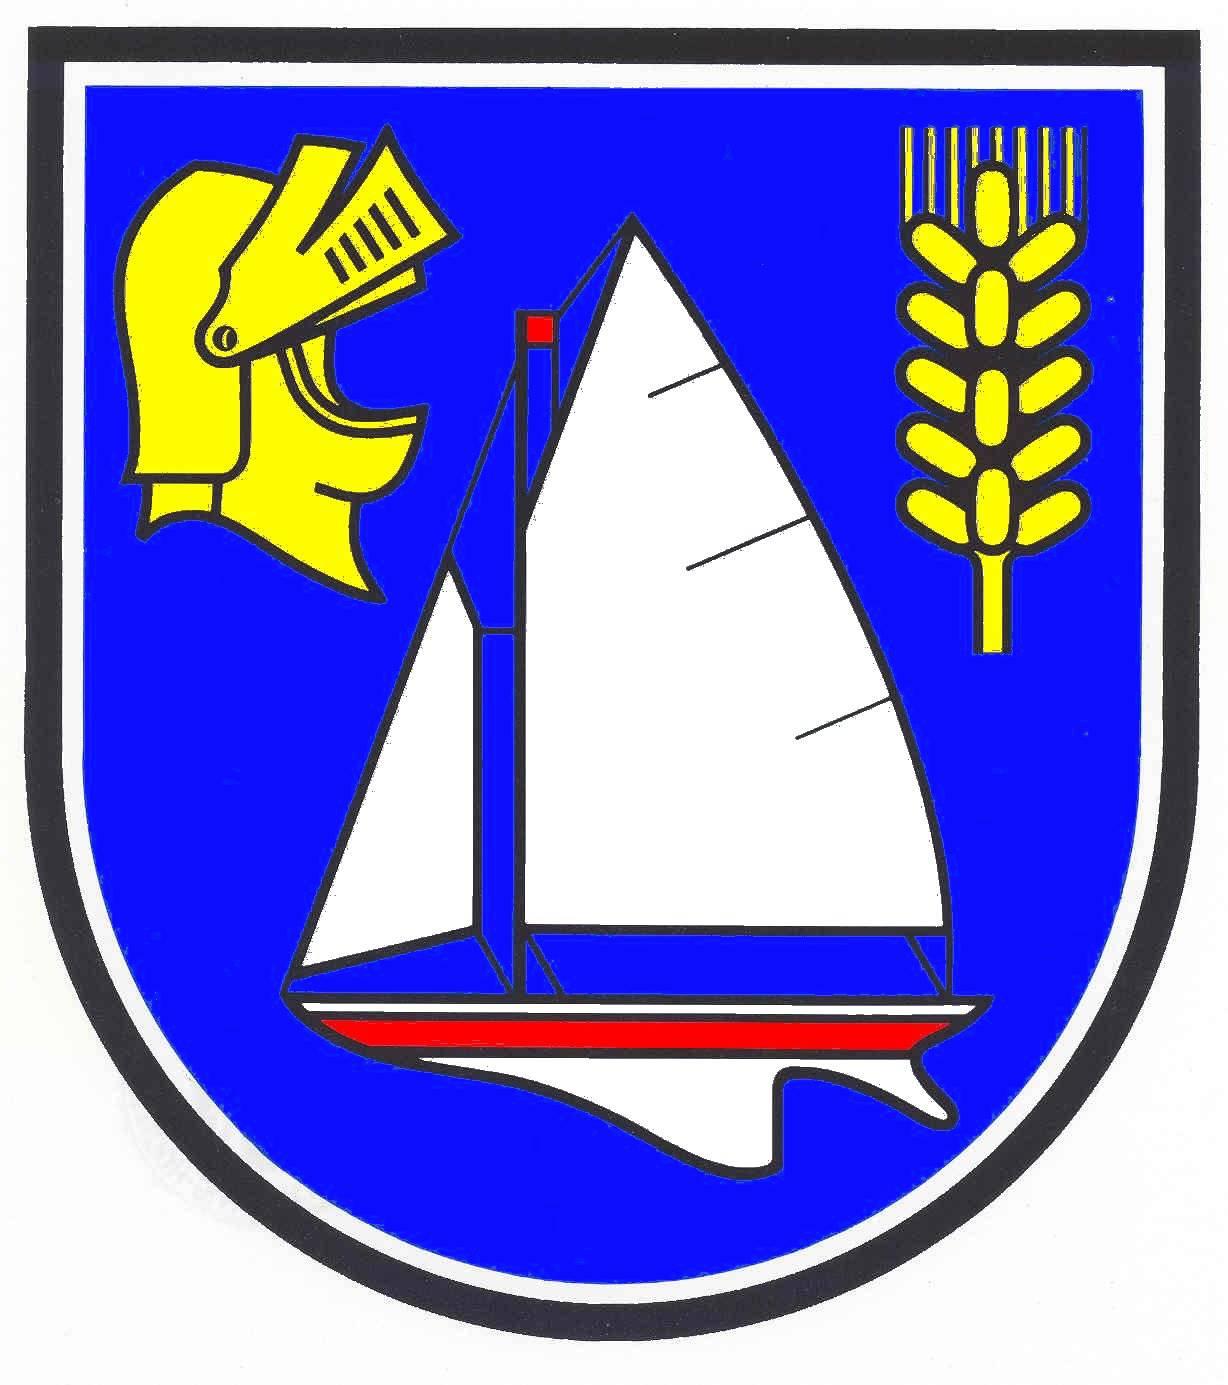 Wappen GemeindeDamp, Kreis Rendsburg-Eckernförde